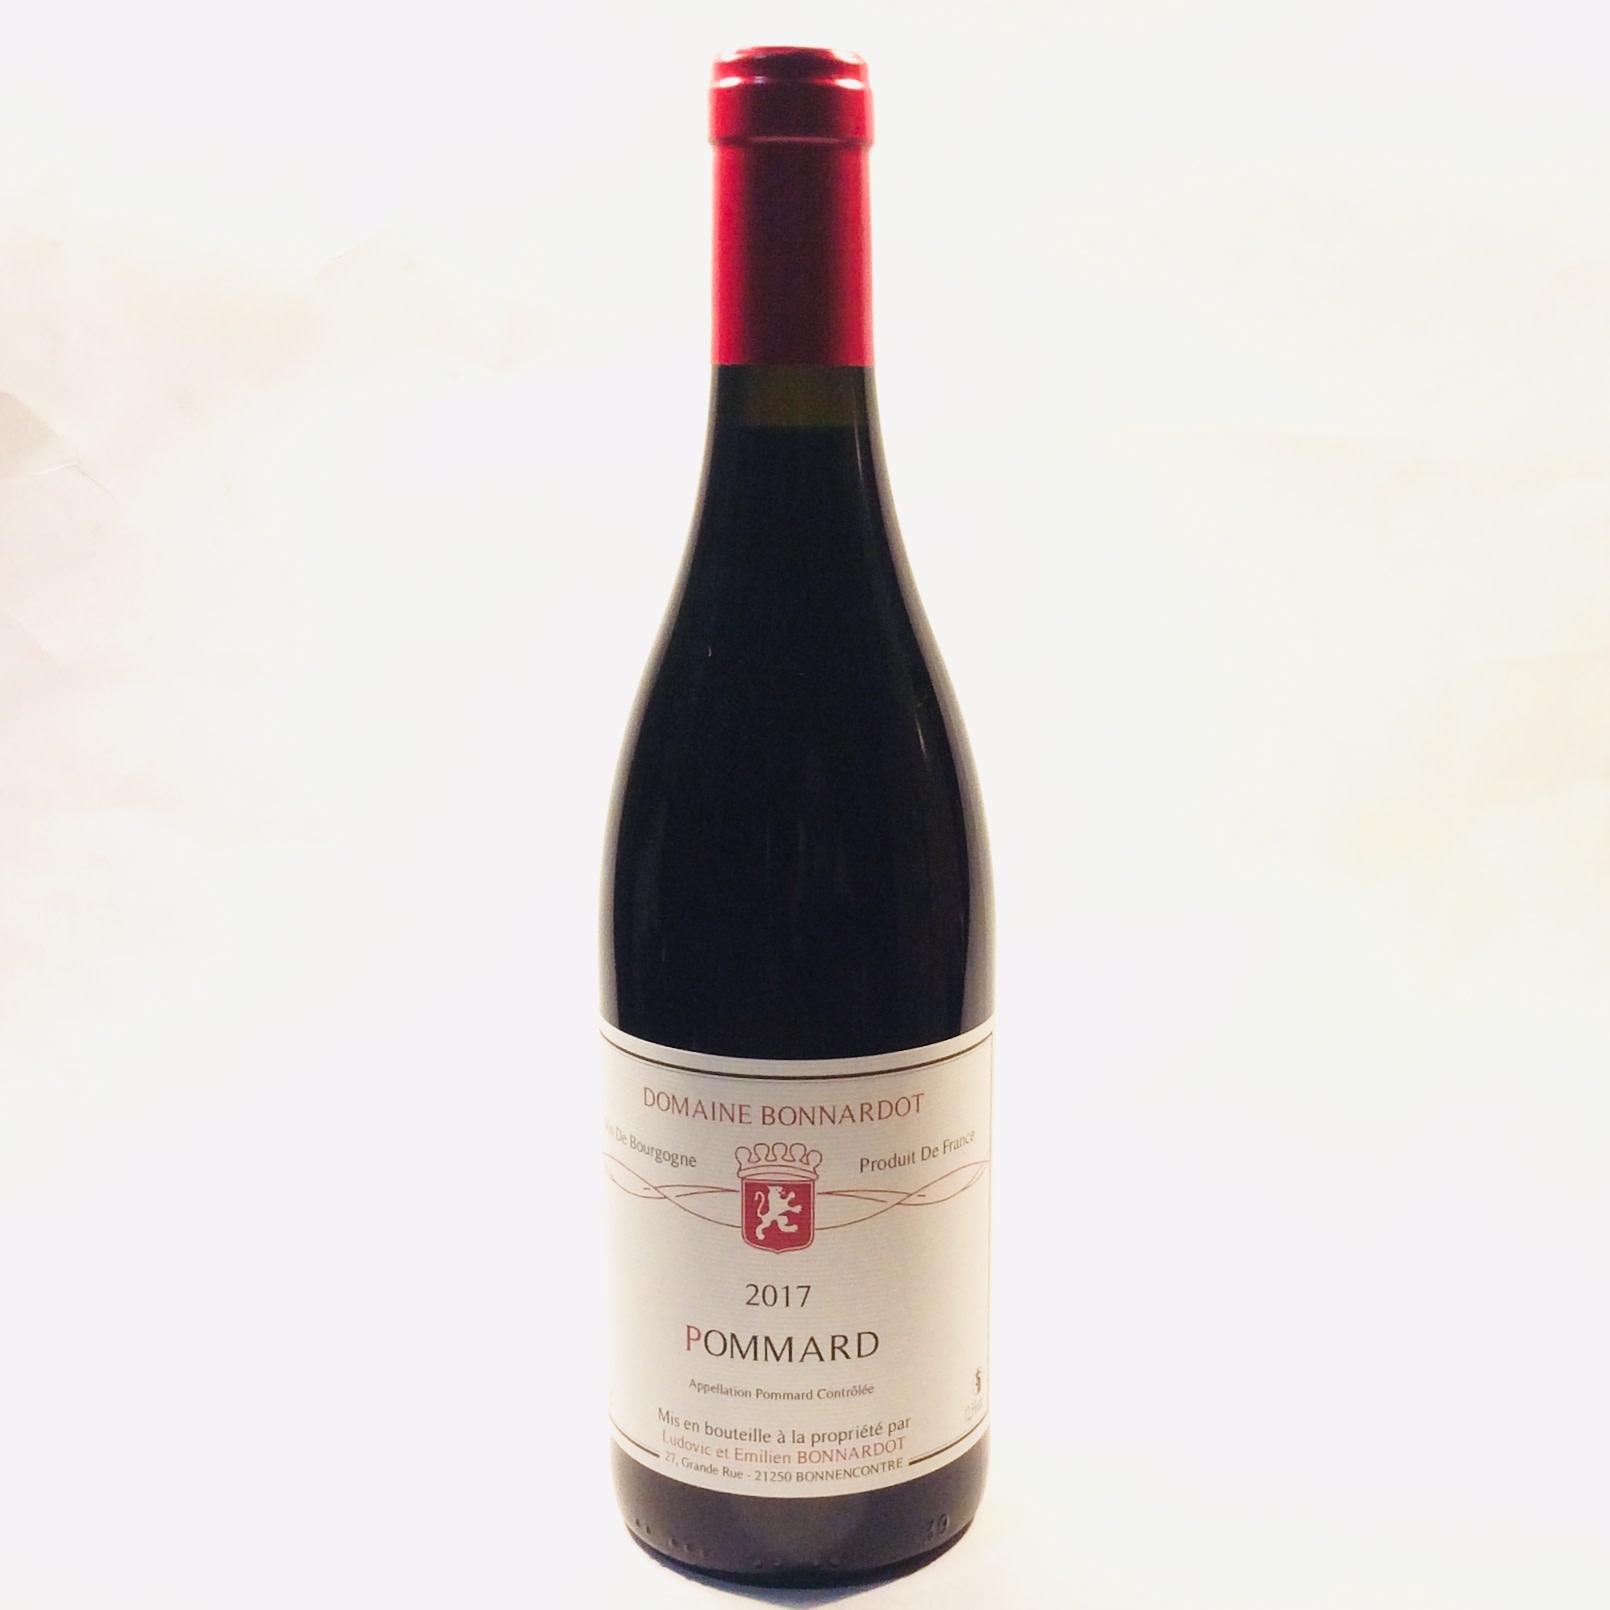 Domaine Bonnardot - Pommard Bourgogne Rouge 2017 (750 ml)